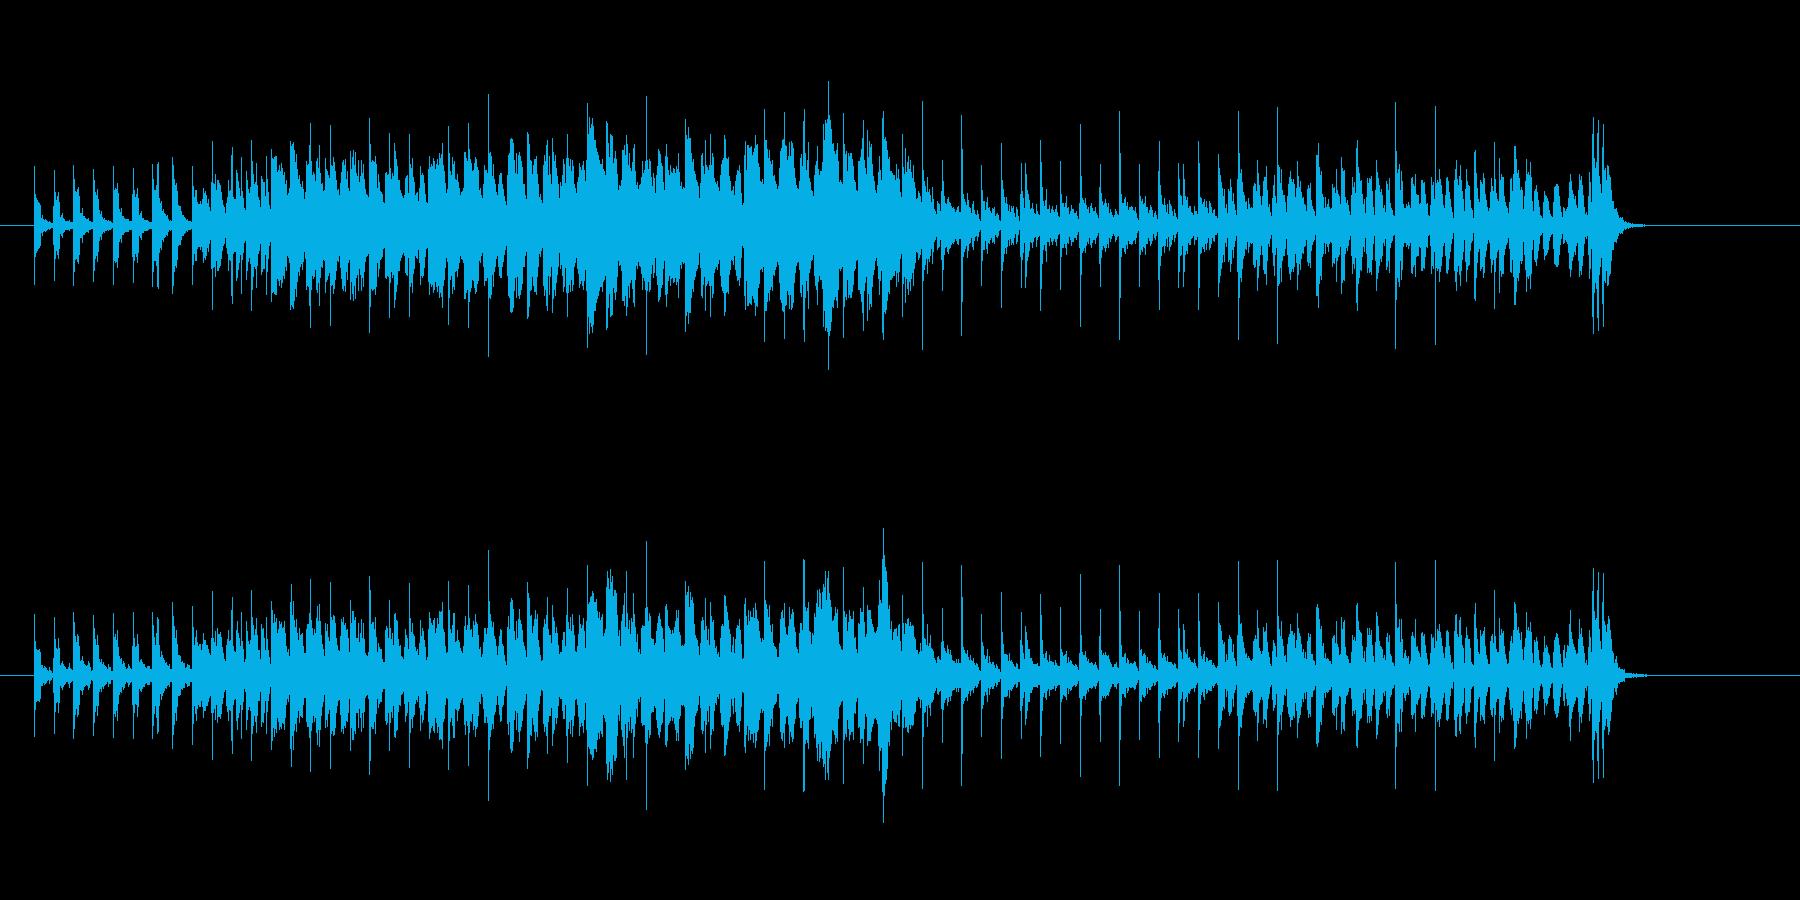 エレクトリック・ロック(近未来宇宙都市)の再生済みの波形